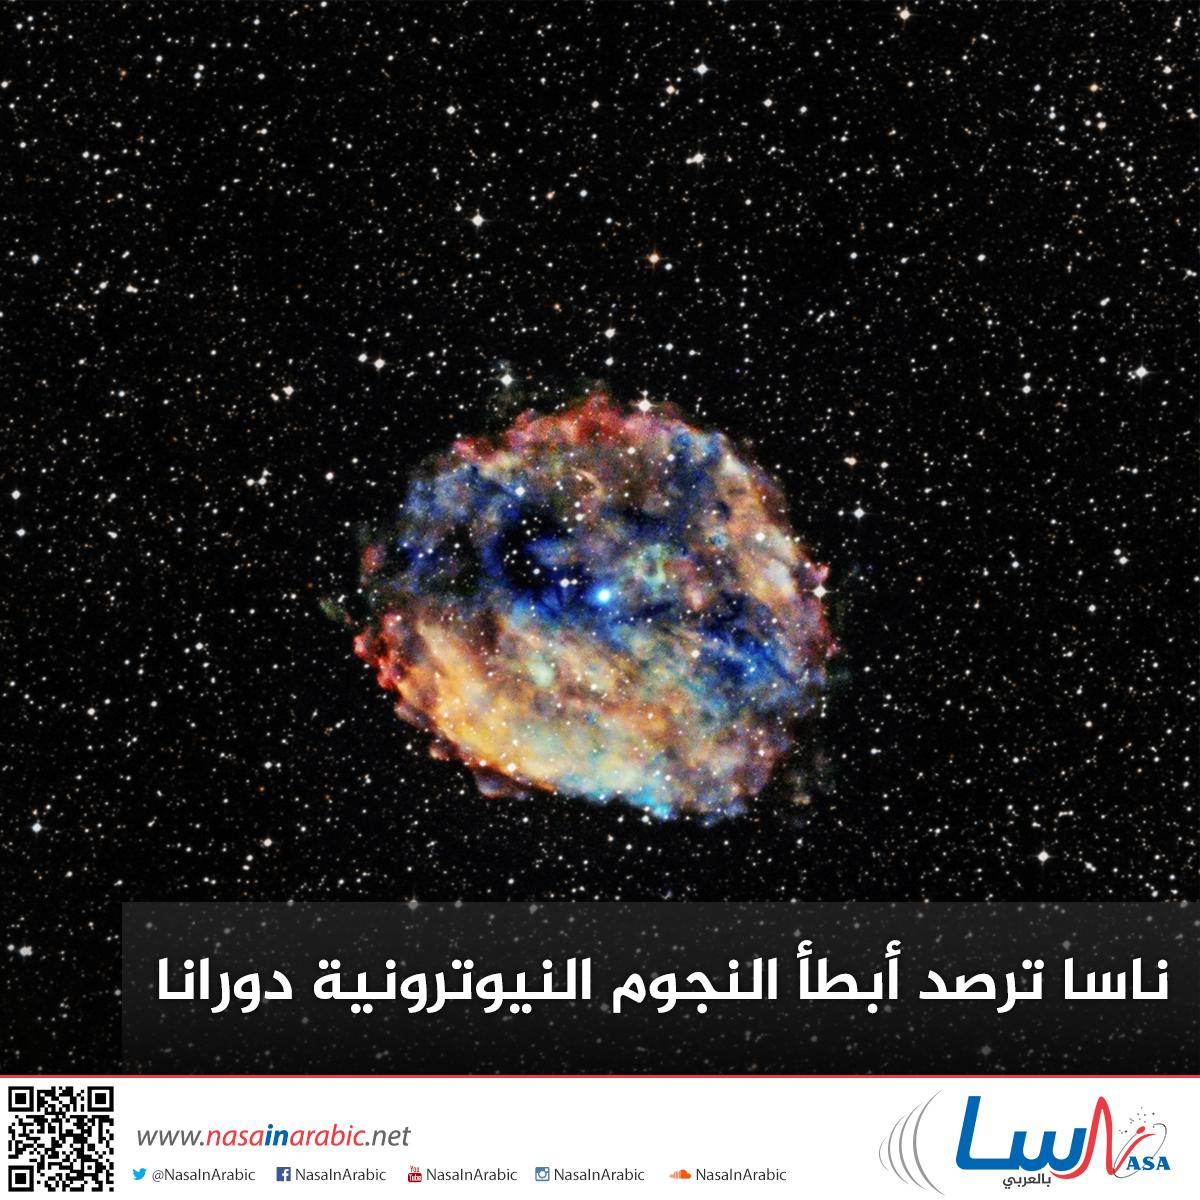 ربما رصدت ناسا أبطأ النجوم النيوترونية دوراناً!